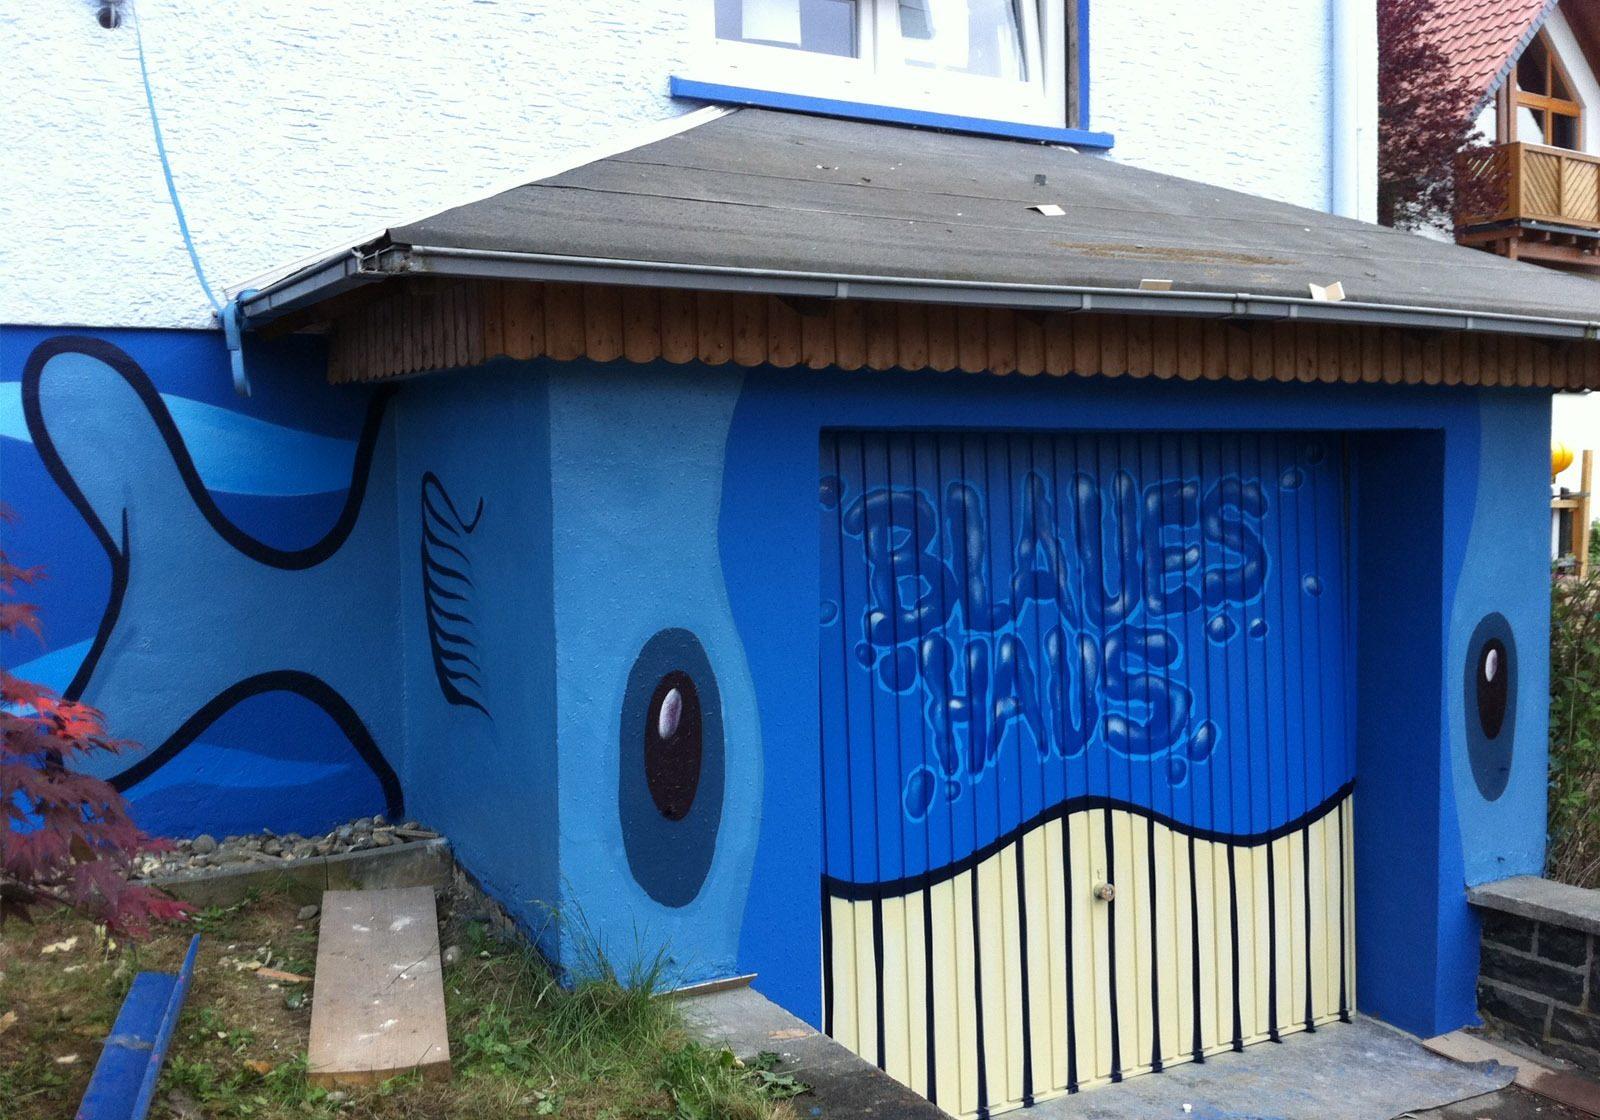 graffitiauftrag-graffitikuenstler-artmos4-zuhause-im-glueck-blause-haus-schule-2011-wasser-landschaft-tier-filsch-schrift-aussen-blau-illustrativ-comic-privat